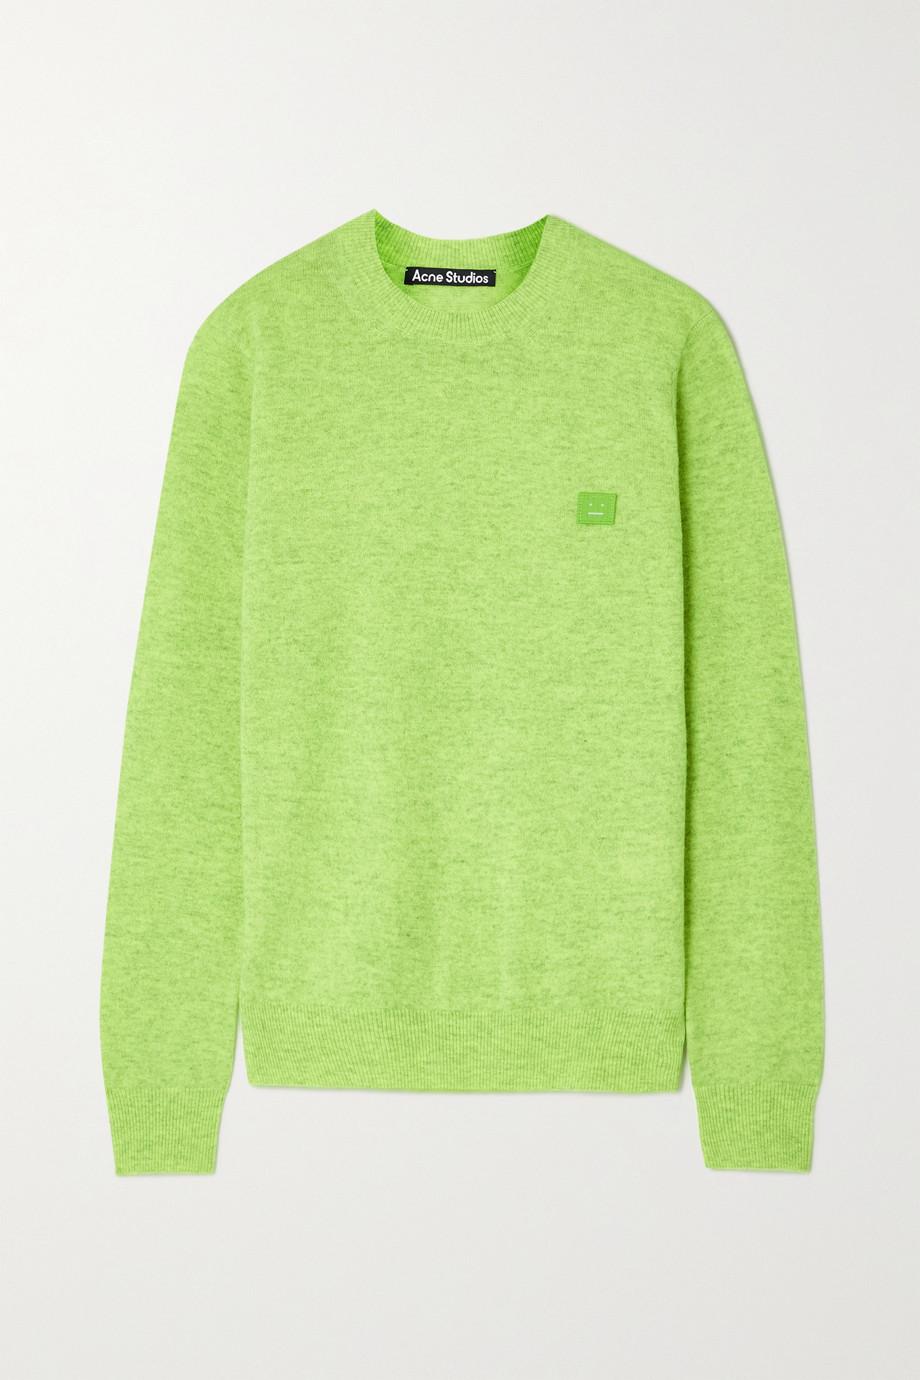 Acne Studios + NET SUSTAIN appliquéd neon wool sweater